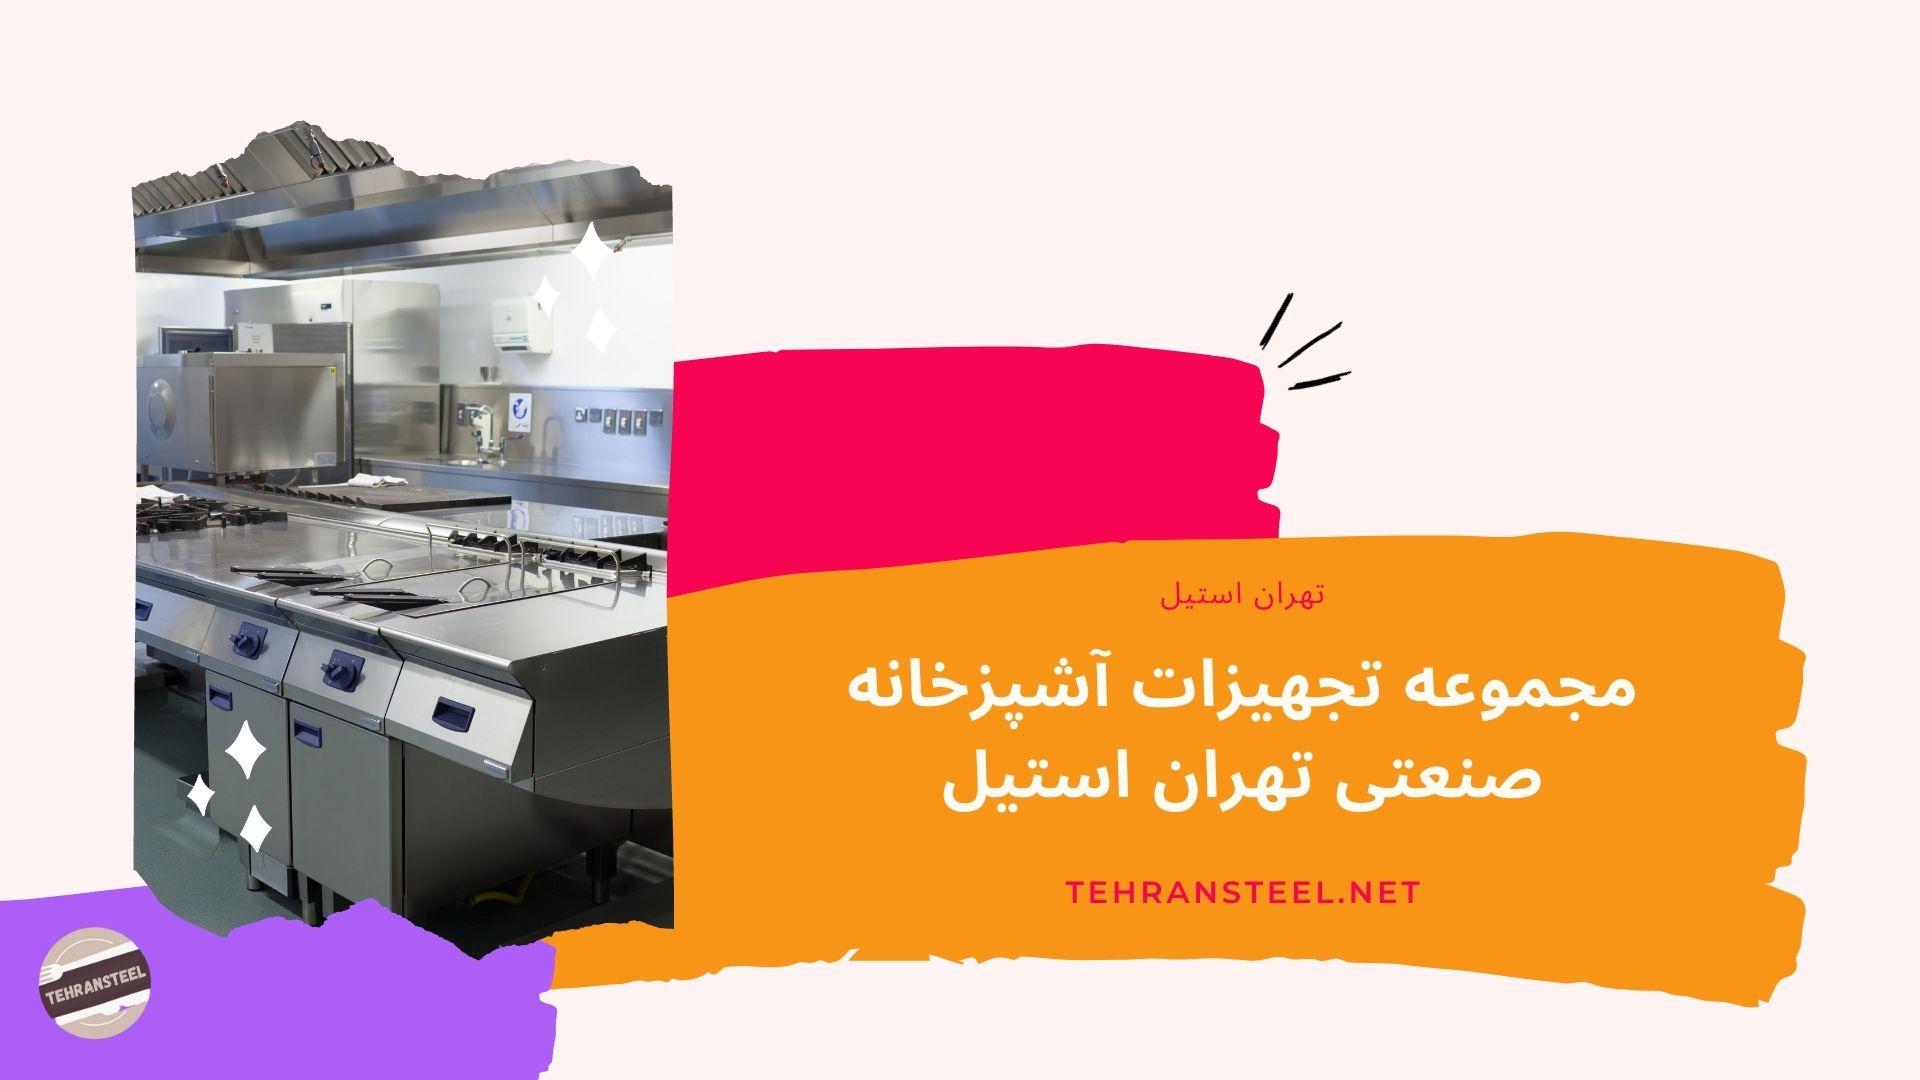 مجموعه تجهیزات آشپزخانه صنعتی تهران استیل